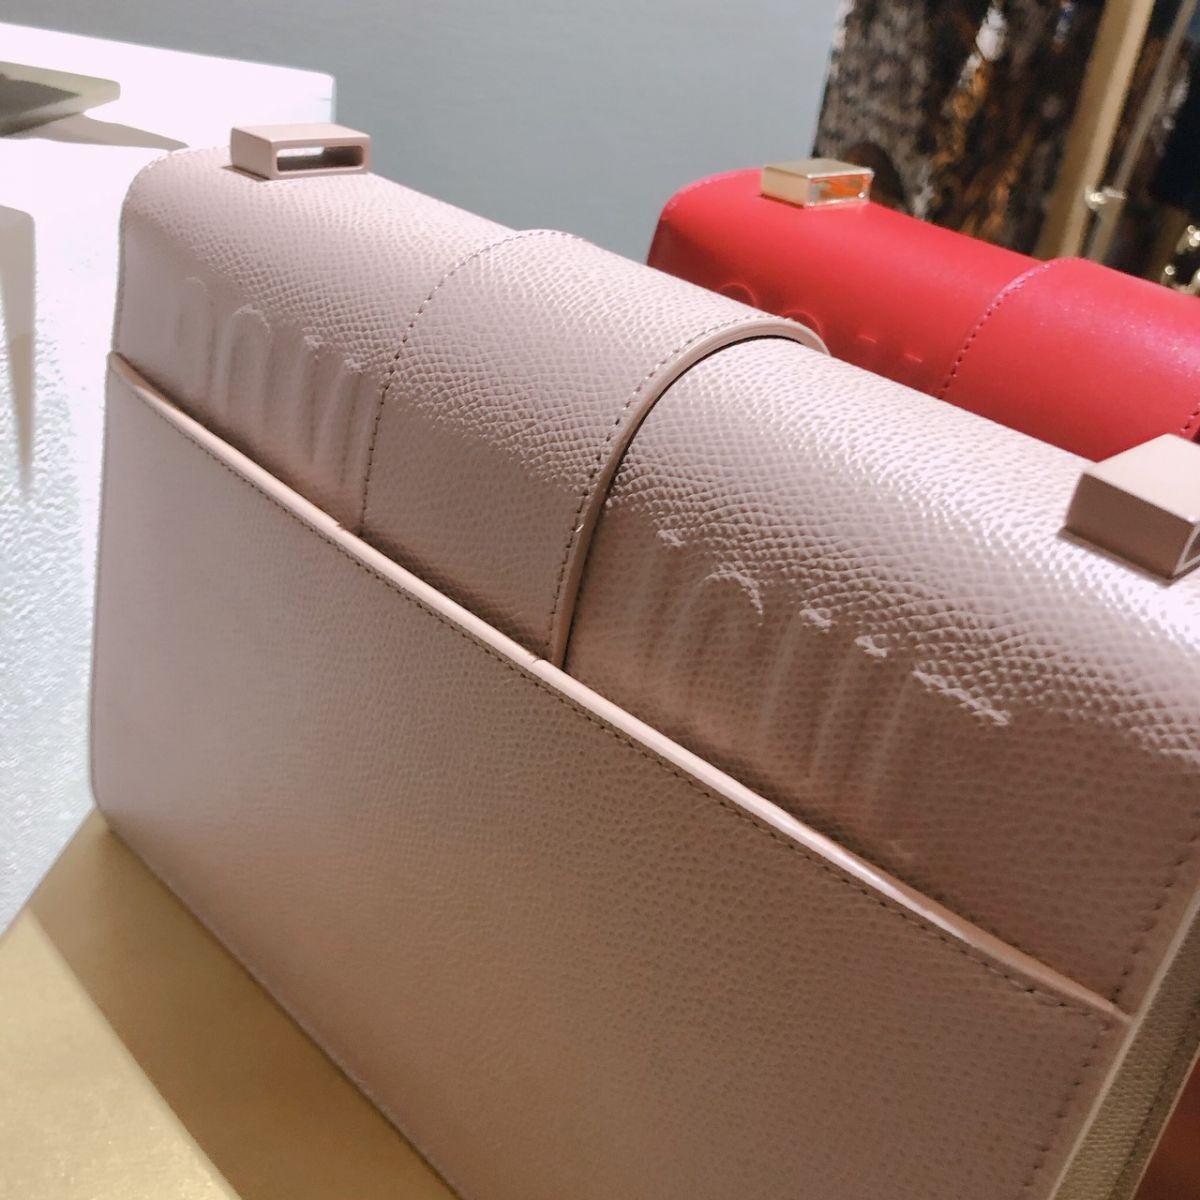 包款的背面也有收納夾層及30 Montaigne立體壓印裝飾